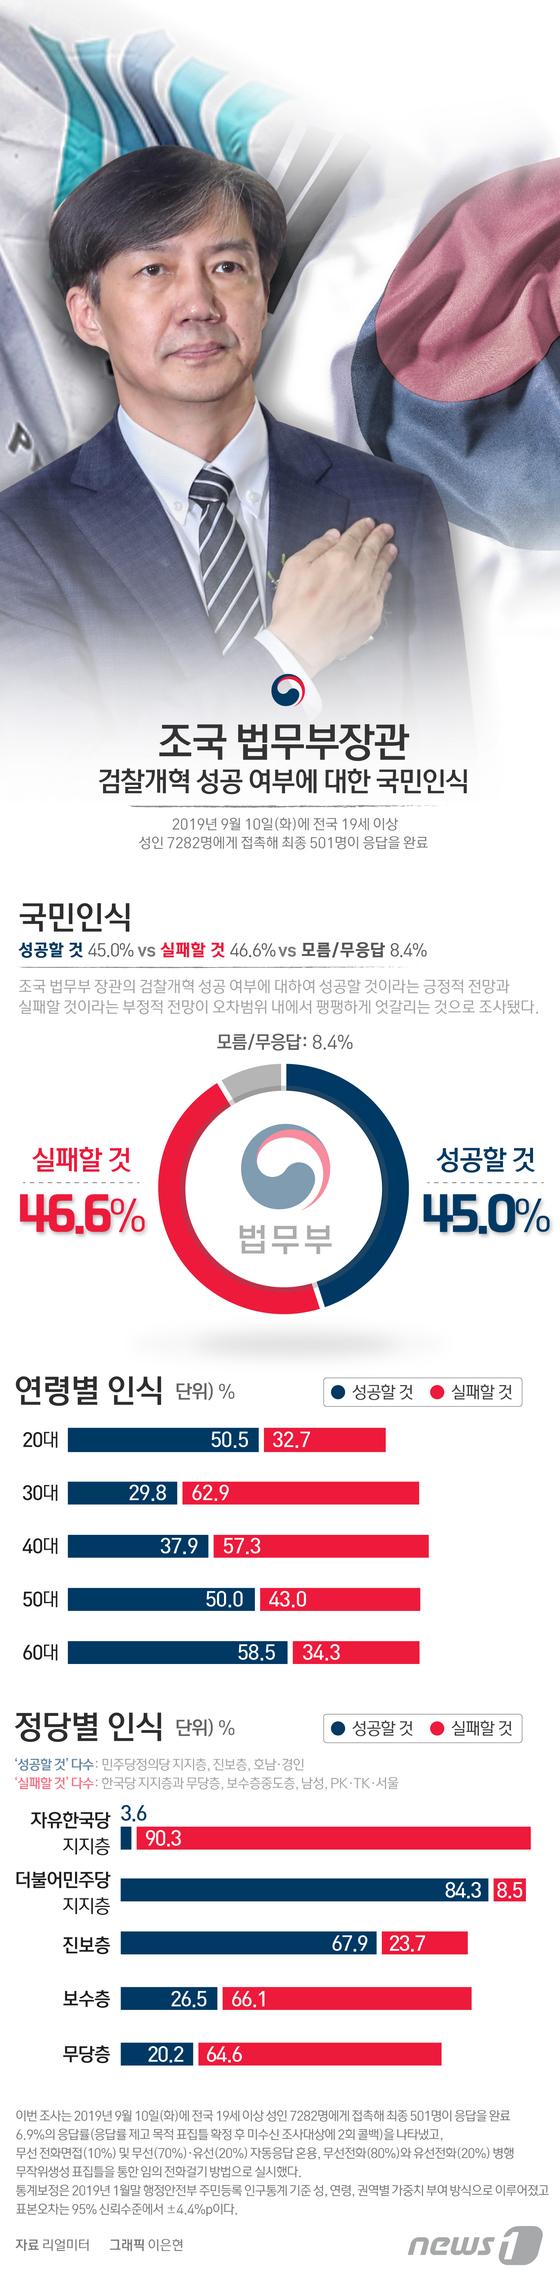 [그래픽뉴스] 조국 법무부장관의 검찰개혁 성공 여부에 대한 국민인식